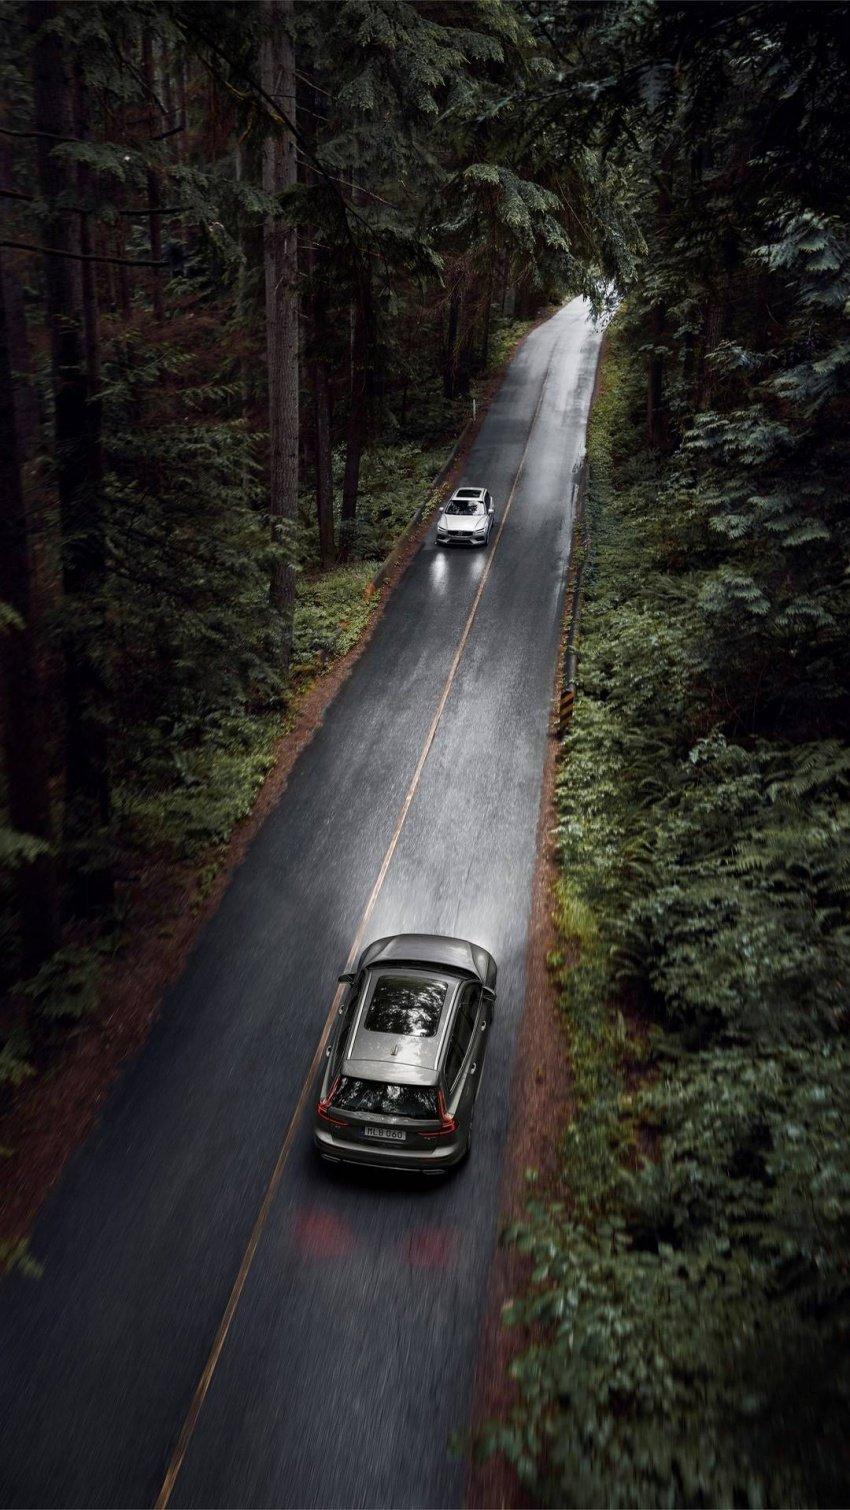 Volvo V60 generasi baharu didedahkan secara rasmi – turut tampil pilihan hibrid <em>plug-in</em> T6 Twin Engine Image #781509